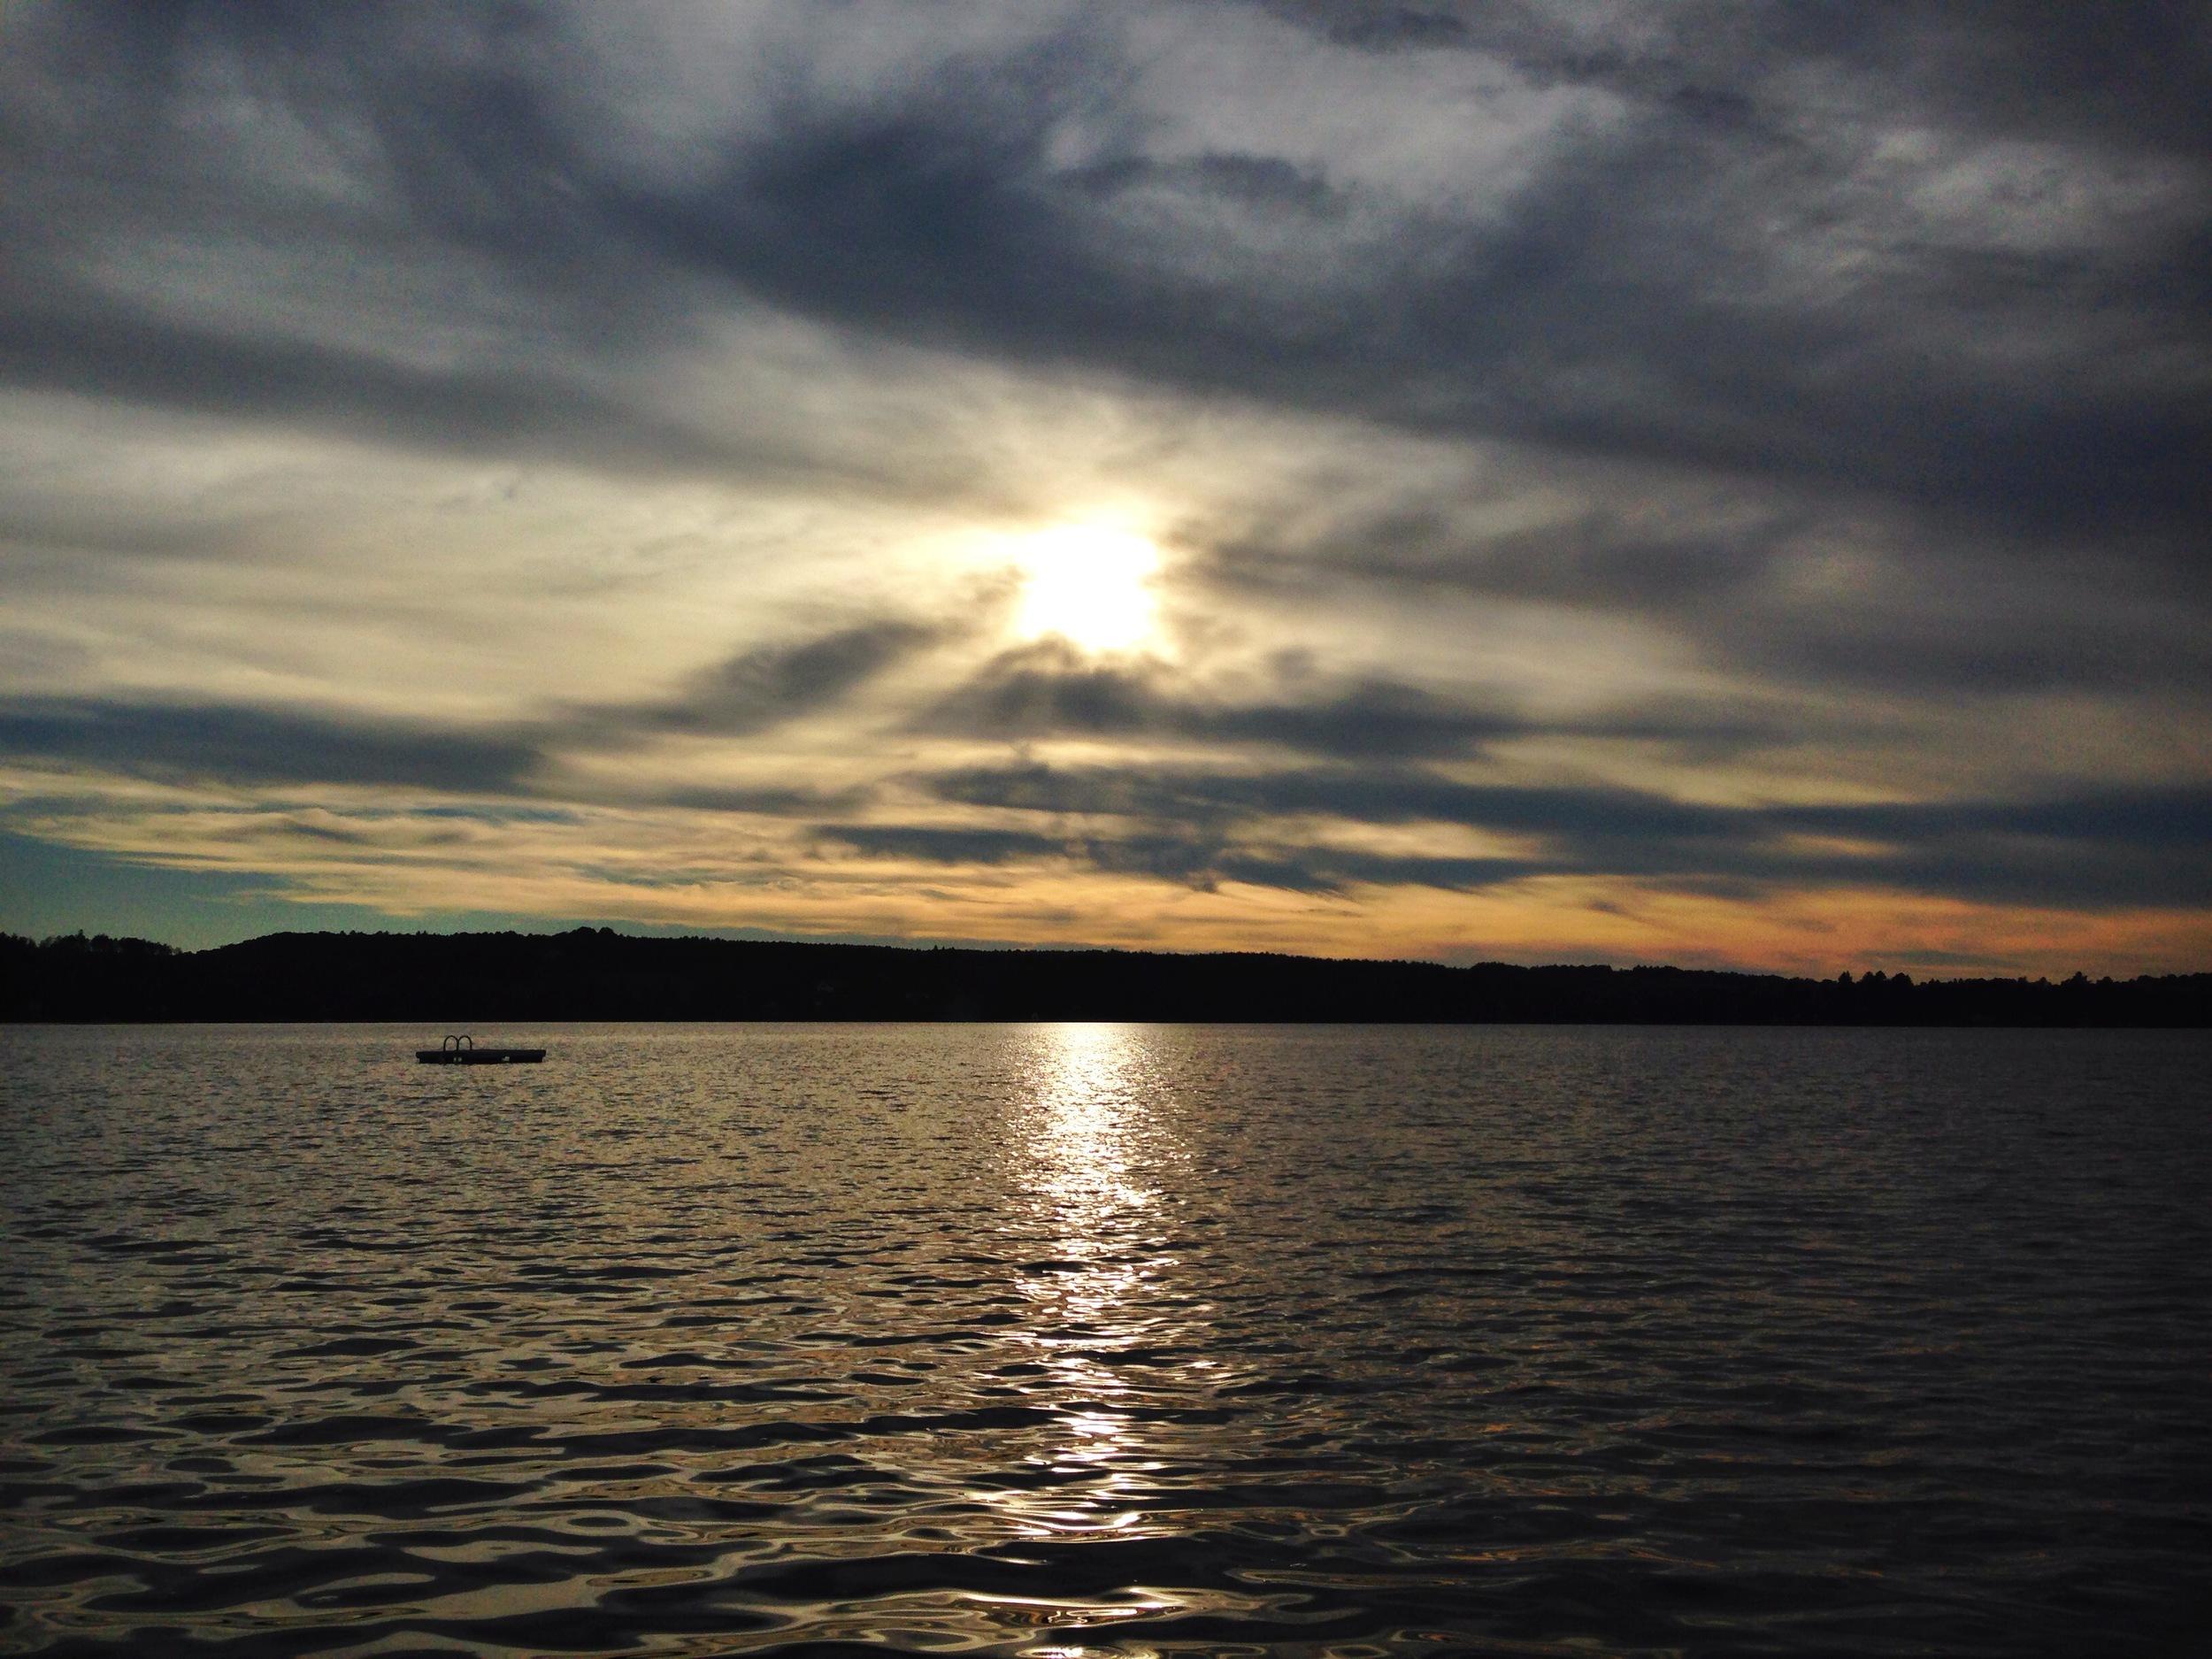 {Beautiful sunset/clouds on Caspian Lake}